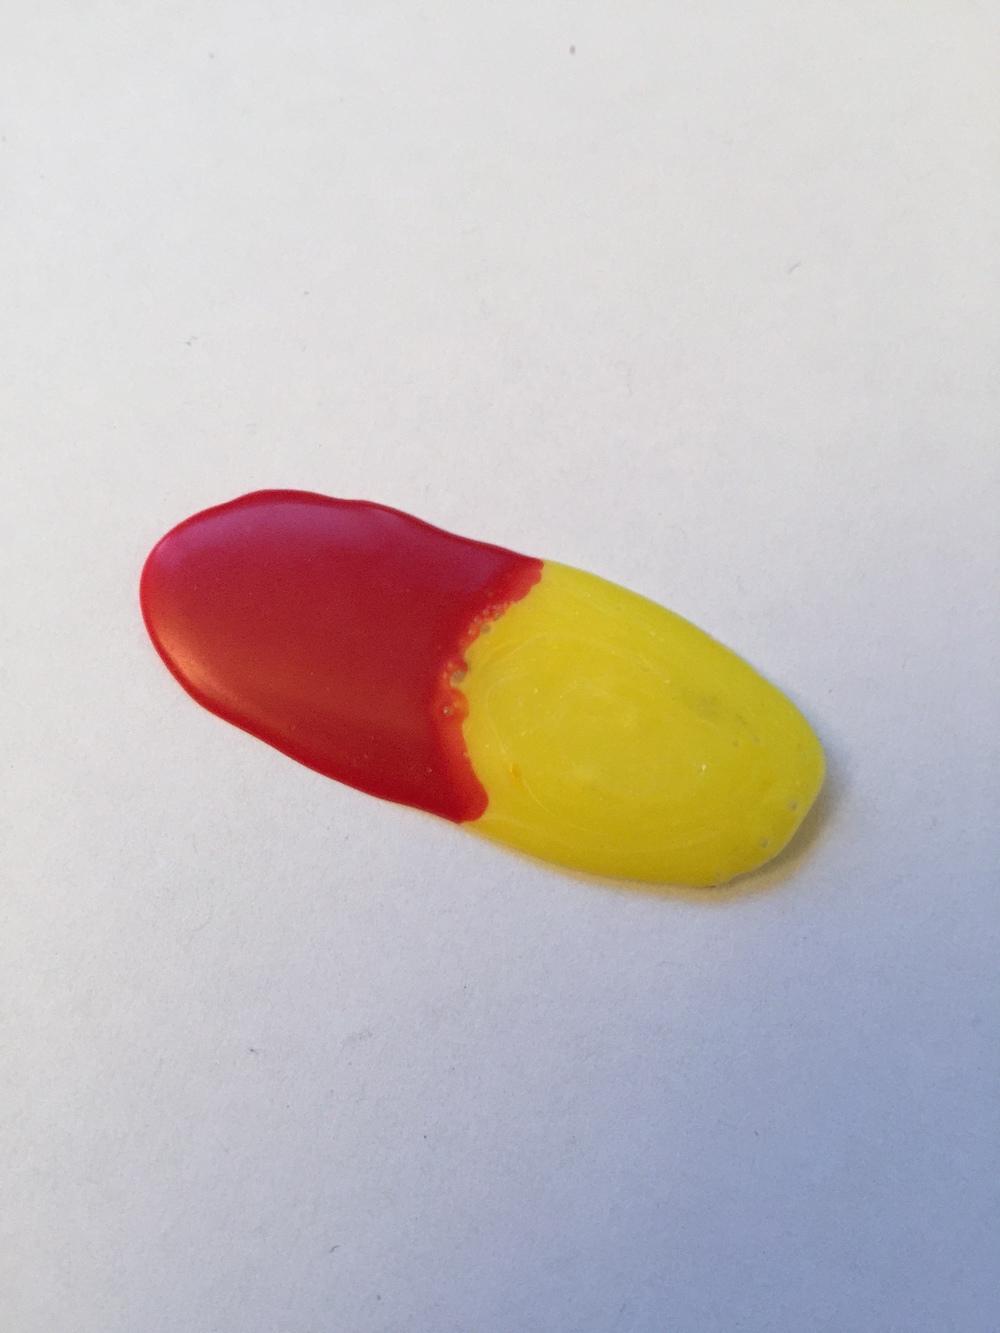 Dyed school glue.2014